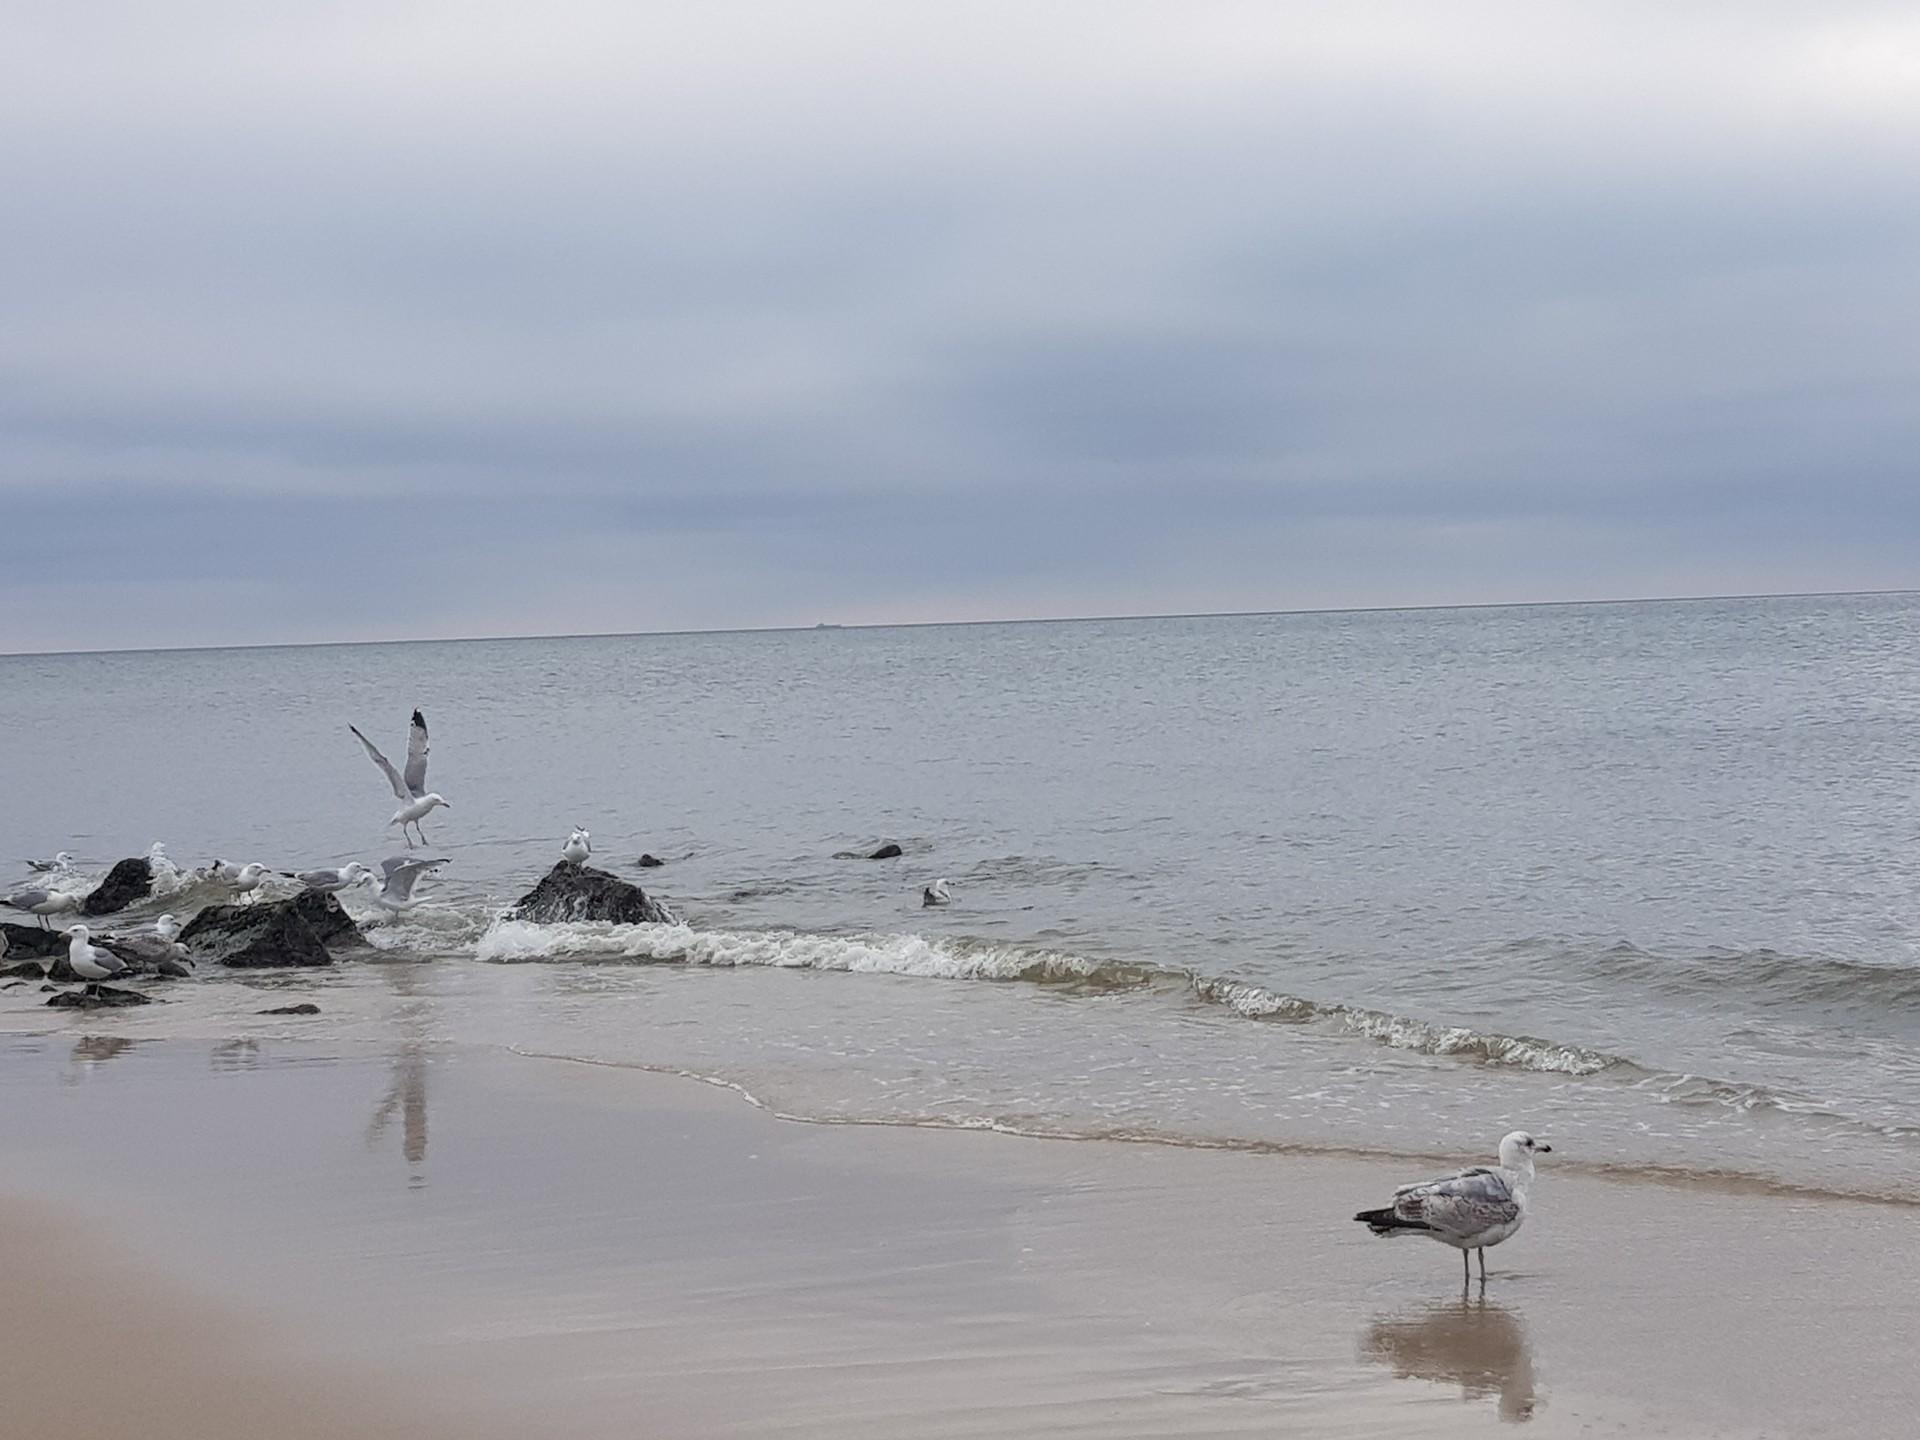 In Deutschland gibt es Inseln? - Die Nordseeinsel Sylt